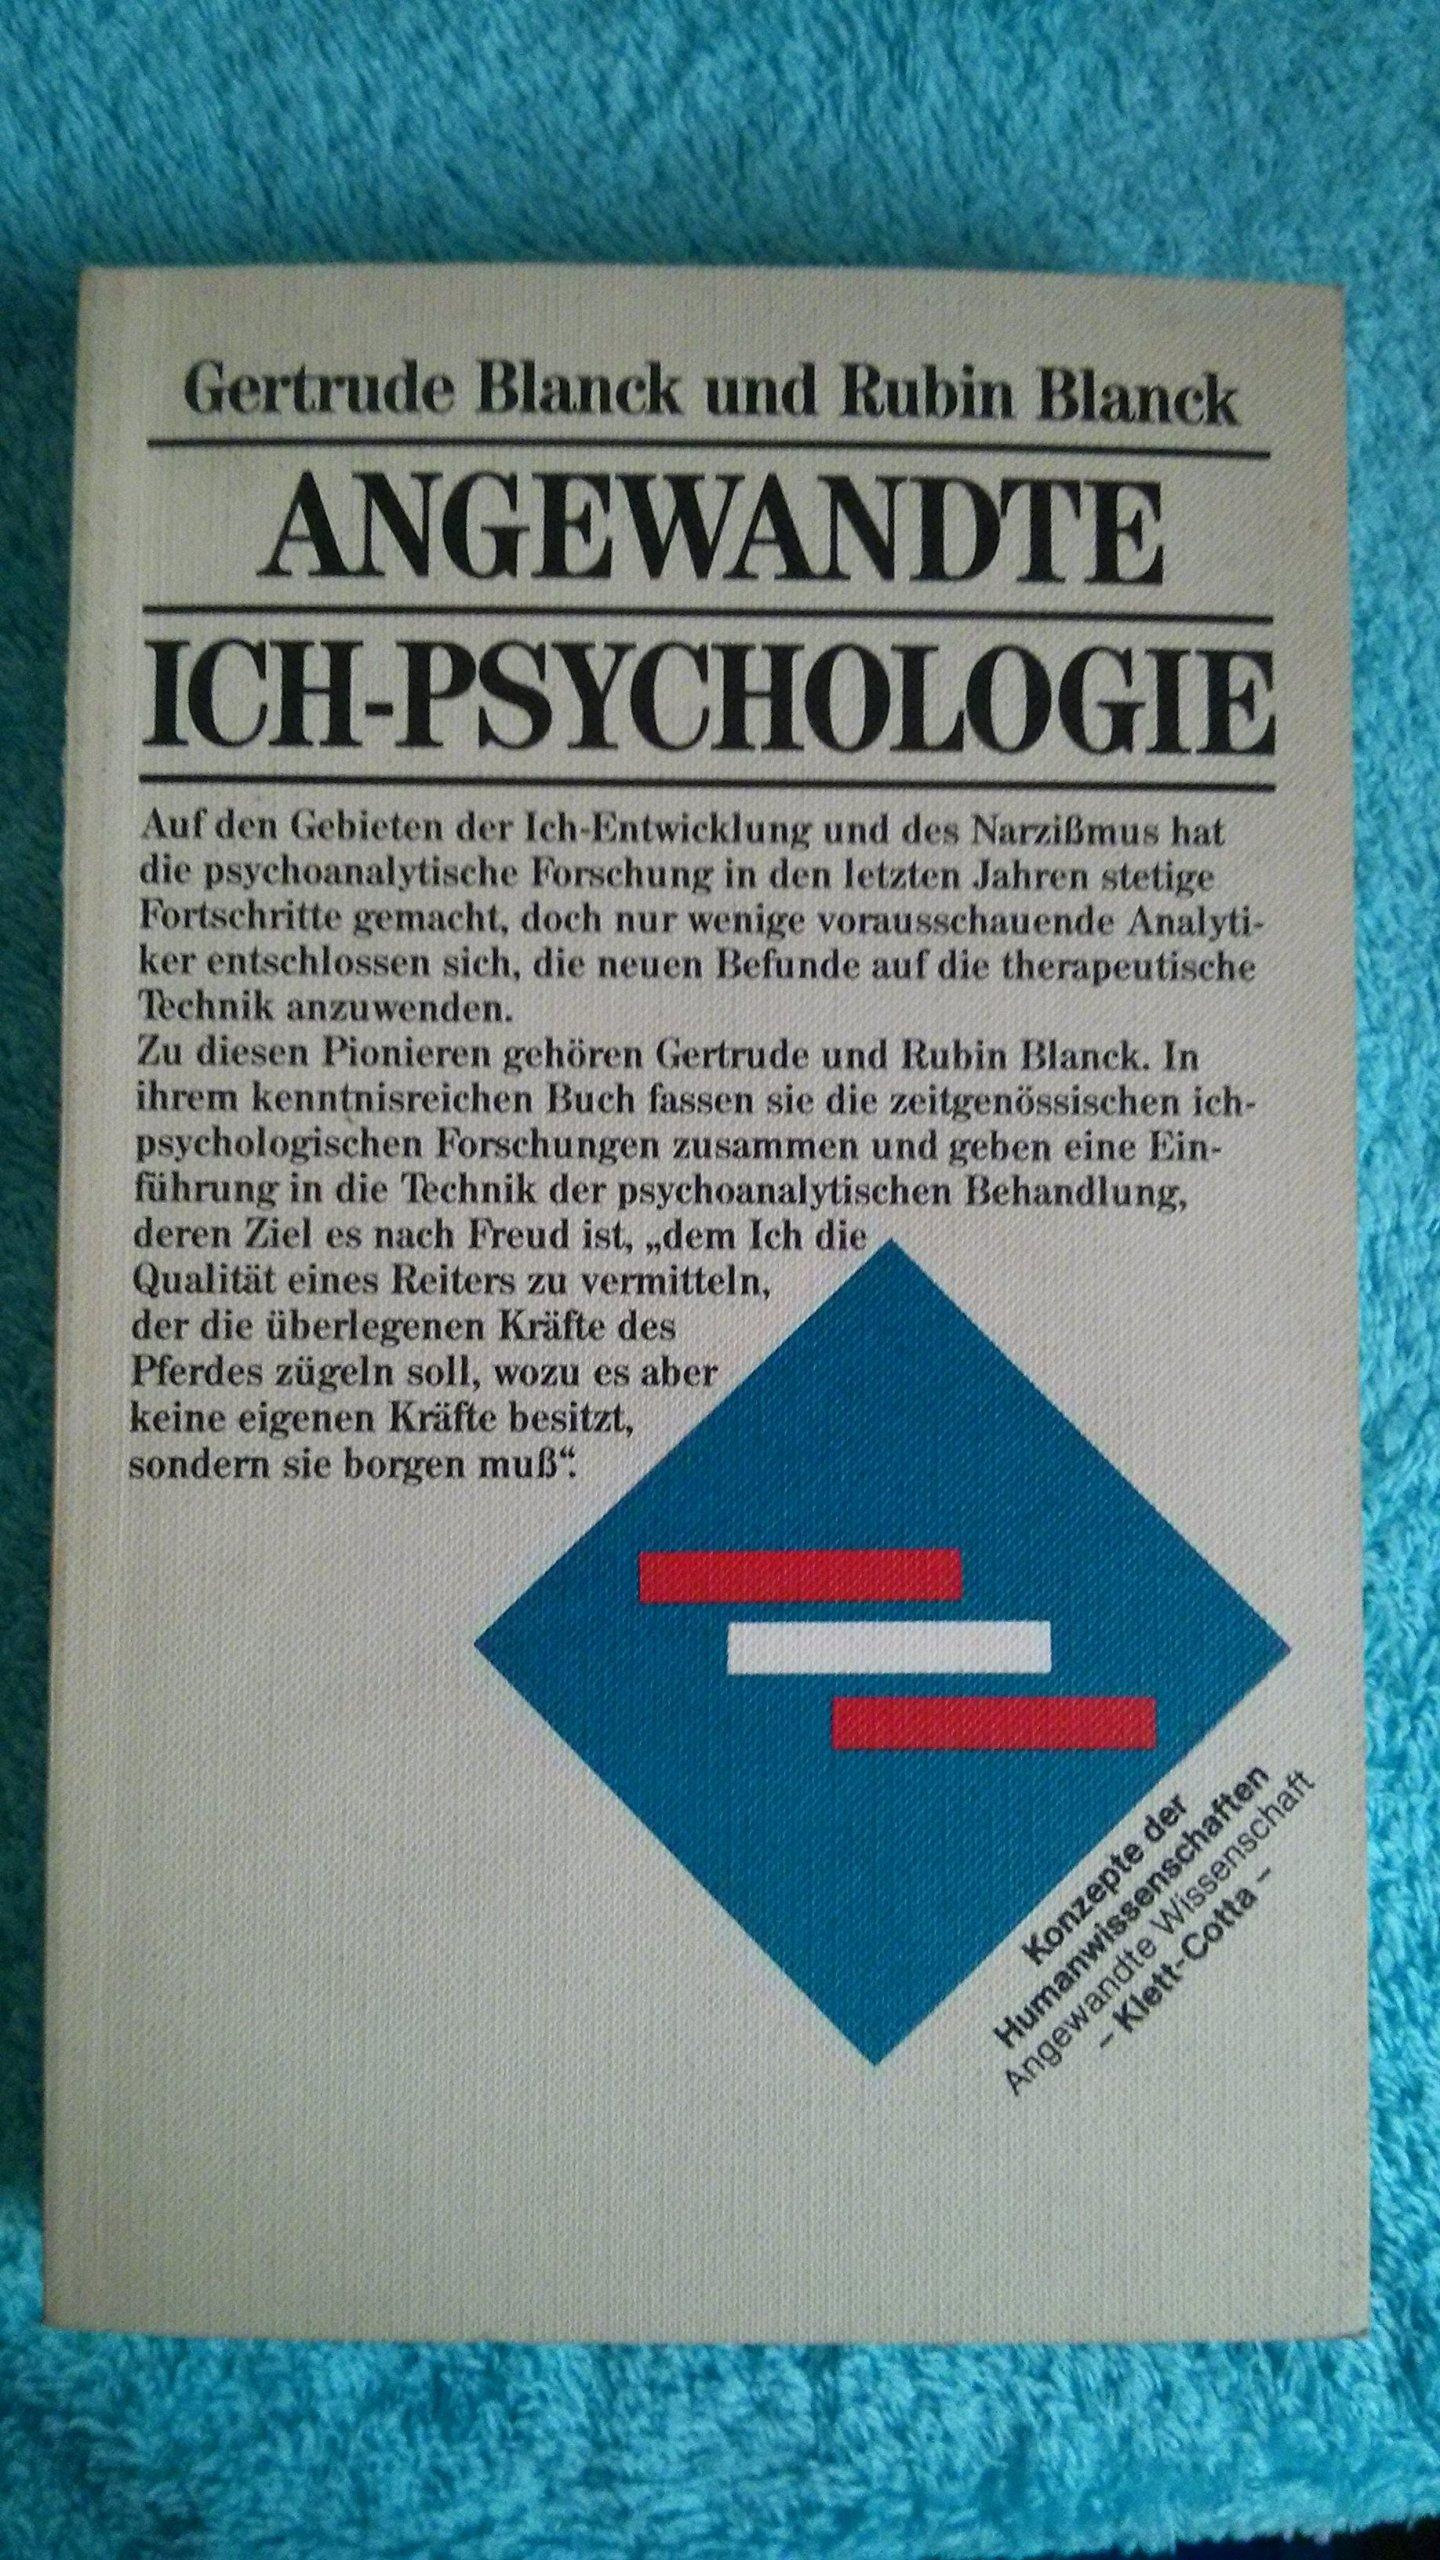 Angewandte Ich-Psychologie